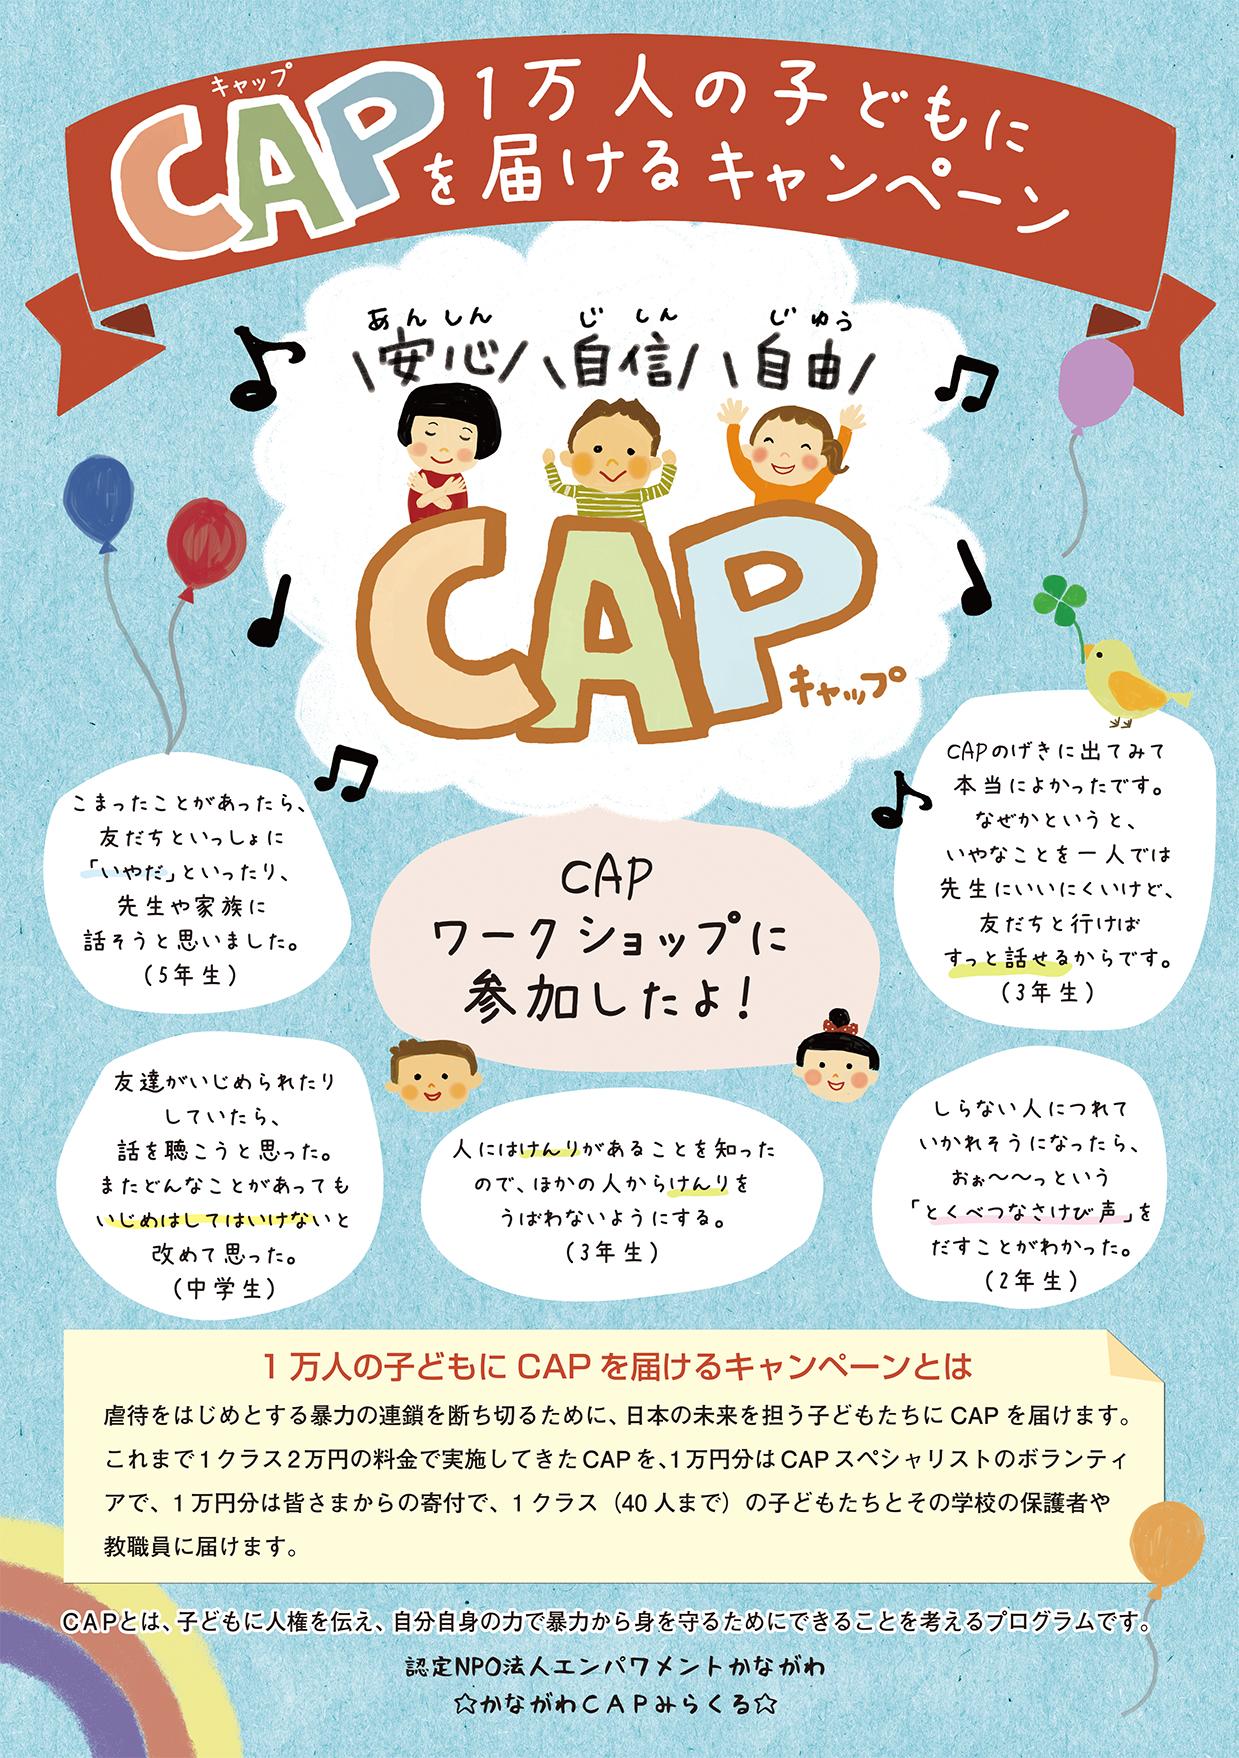 1万人の子どもにCAPを届けるキャンペーンパンフレット画像